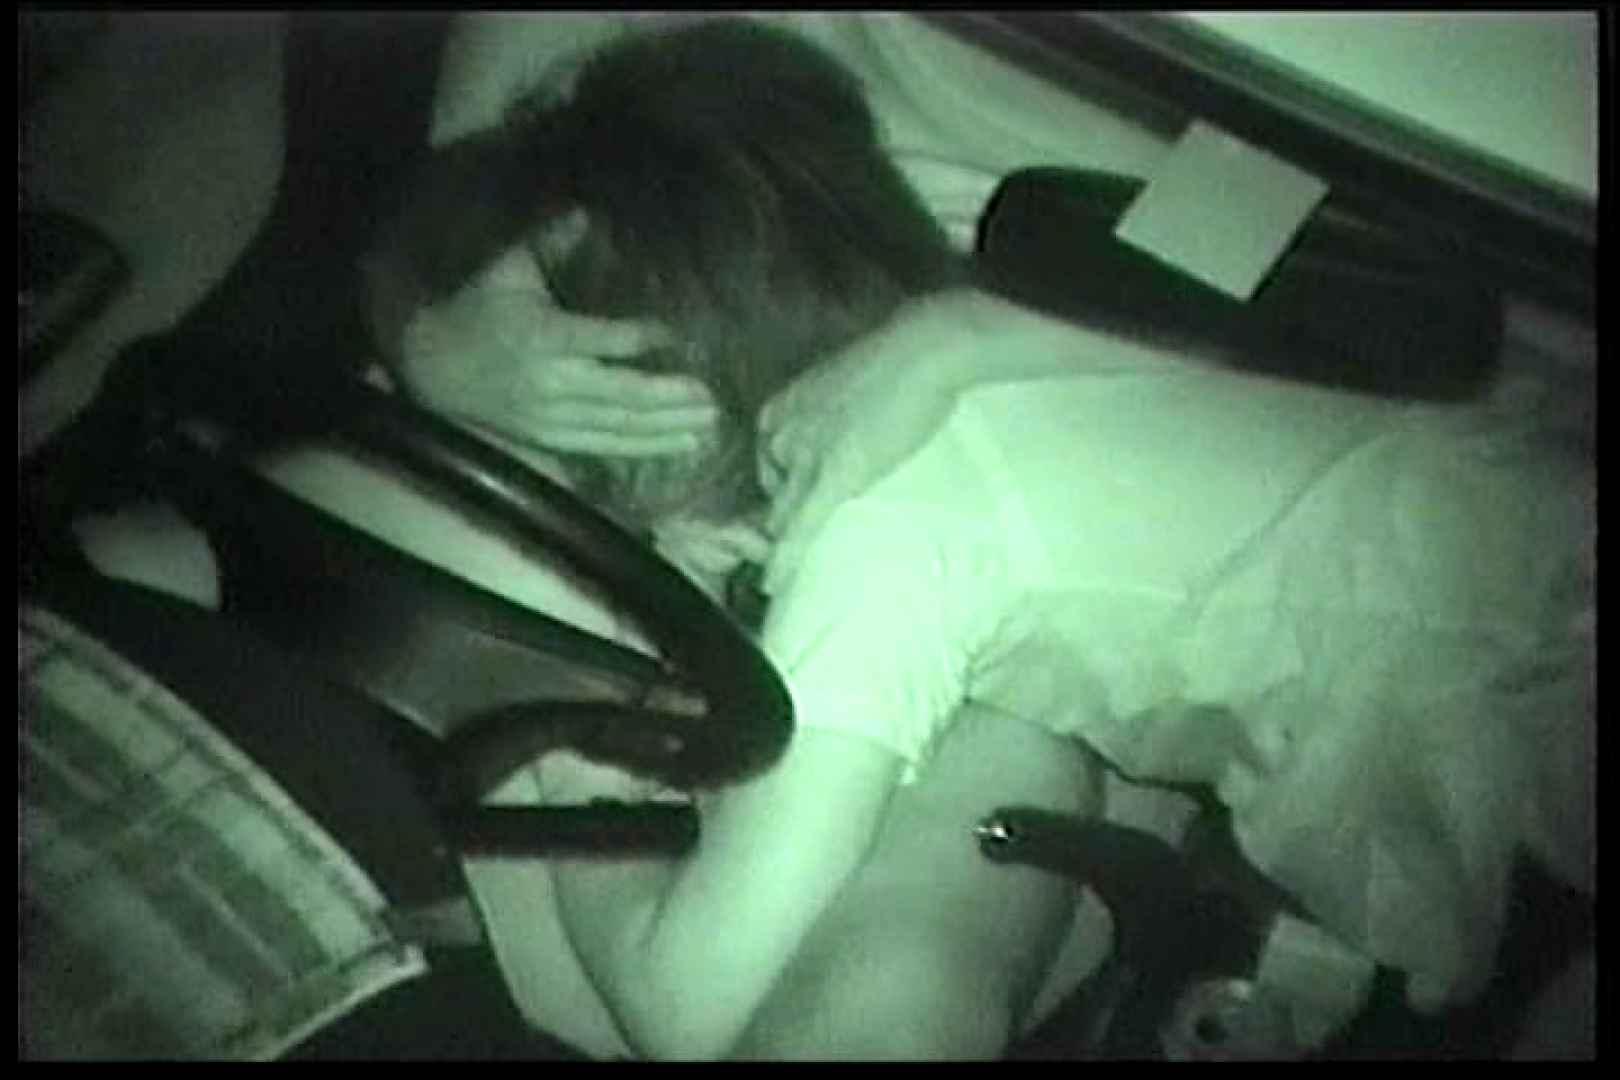 車の中はラブホテル 無修正版  Vol.11 ラブホテル覗き 濡れ場動画紹介 34連発 26